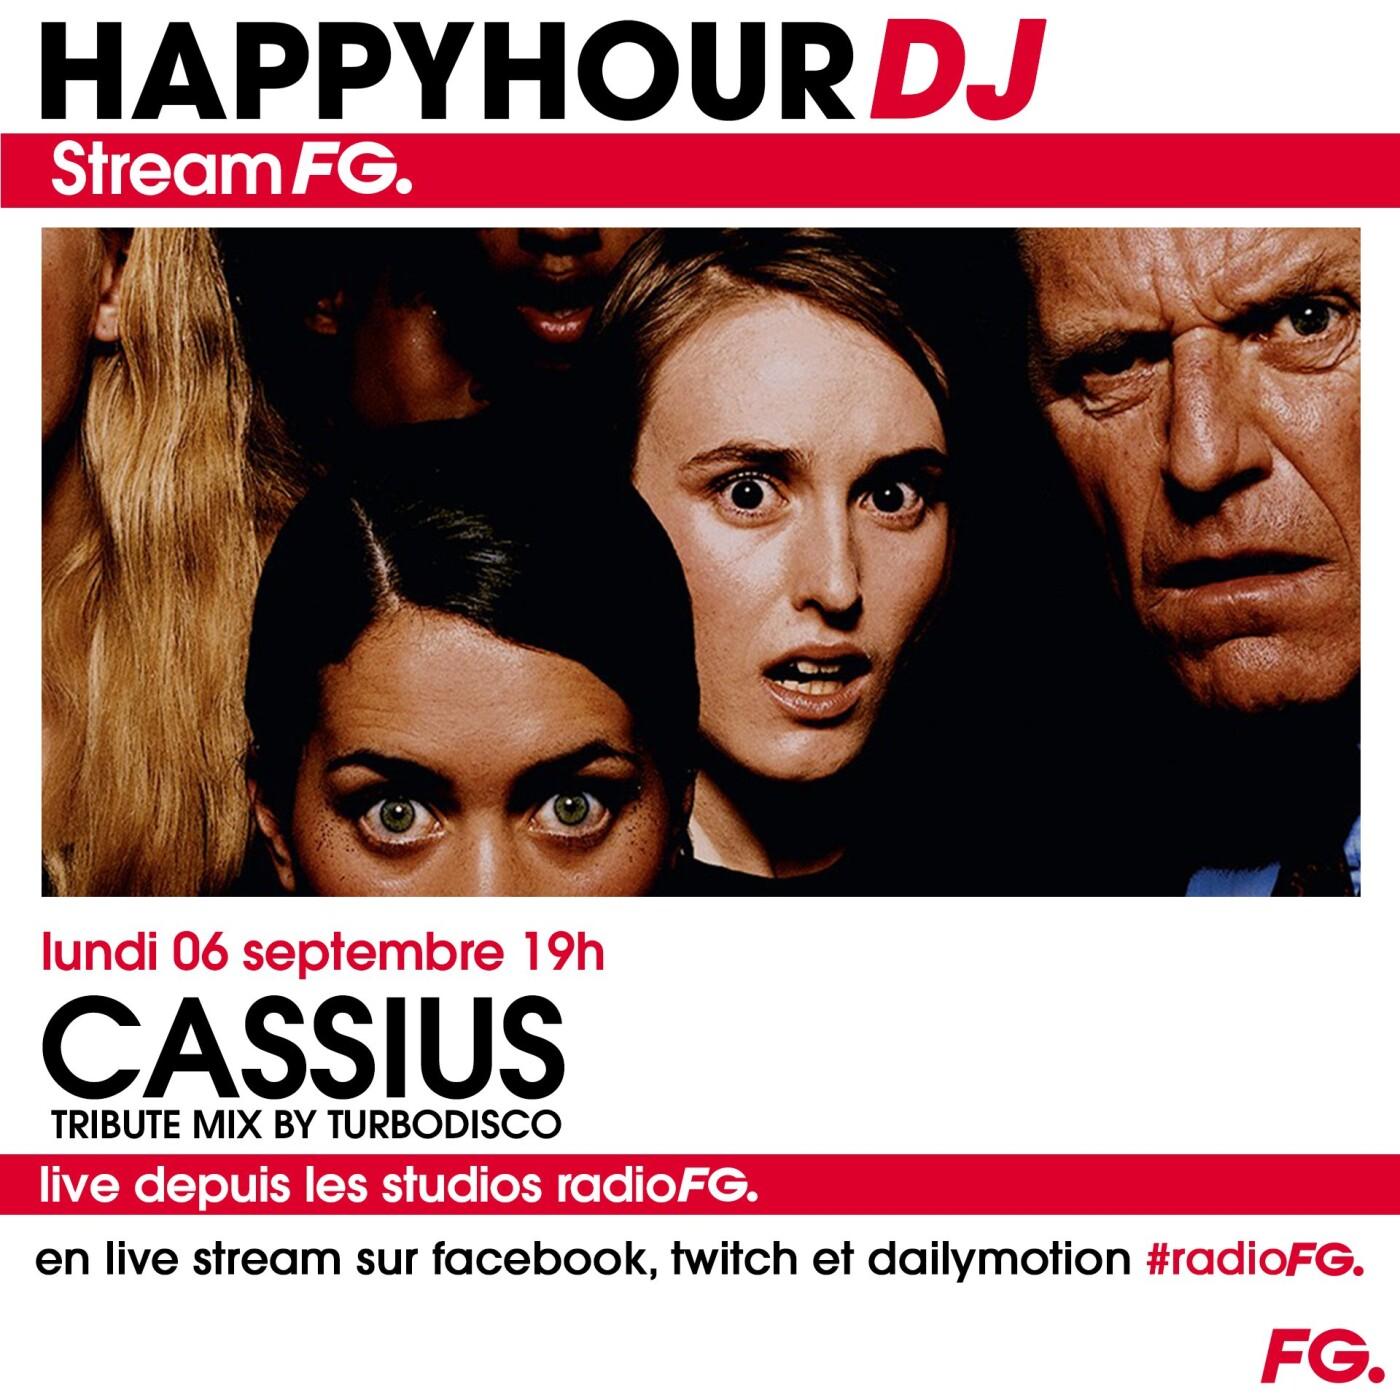 HAPPY HOUR DJ : CASSIUS TRIBUTE MIX BY TURBODISCO